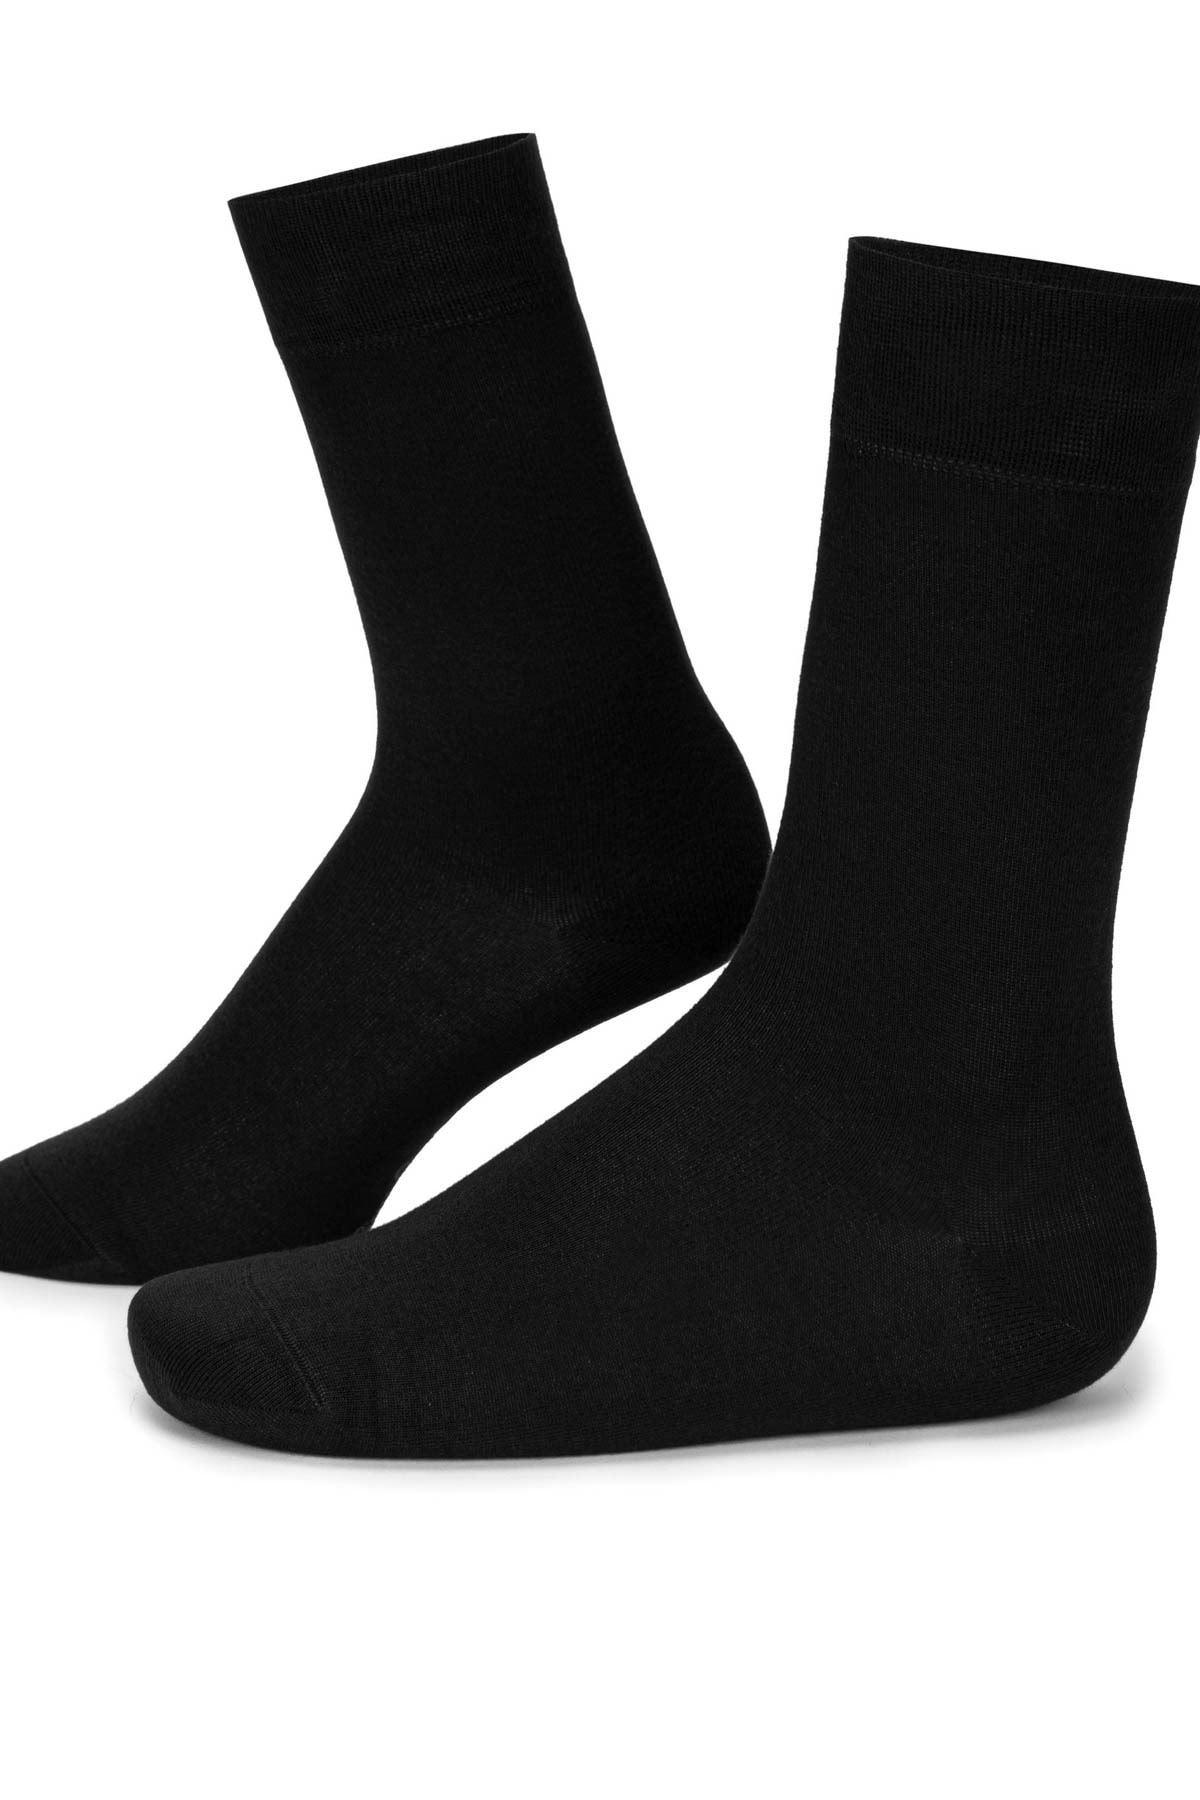 5 Adet Siyah Erkek Uzun Çorap (40-44)